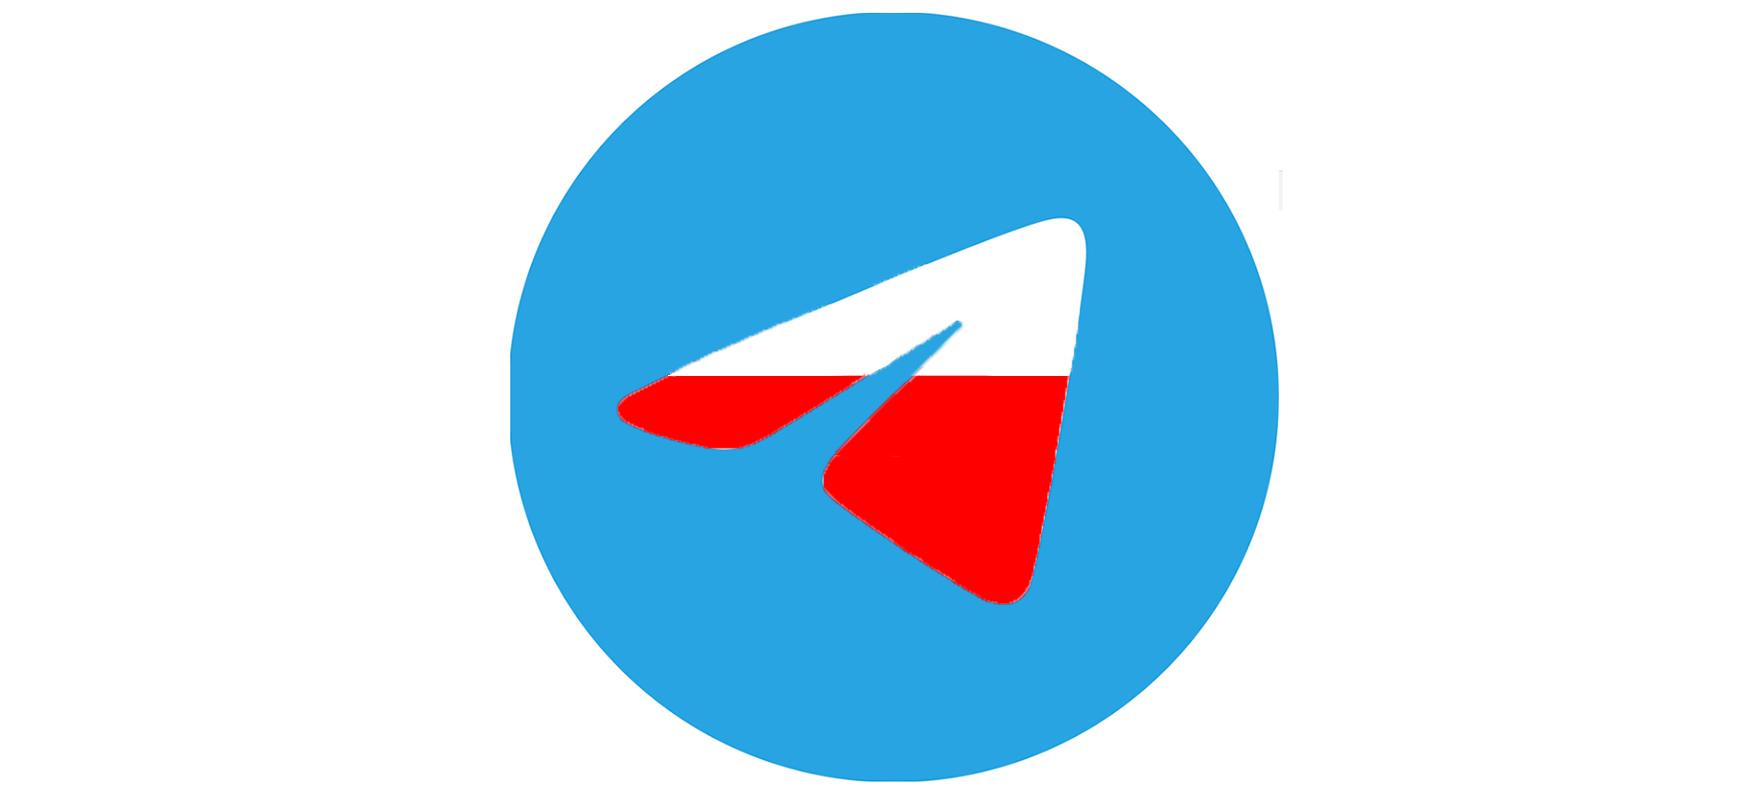 Telegrama komunikatzaile bikaina da.  Poloniako bertsioa lortu berri du